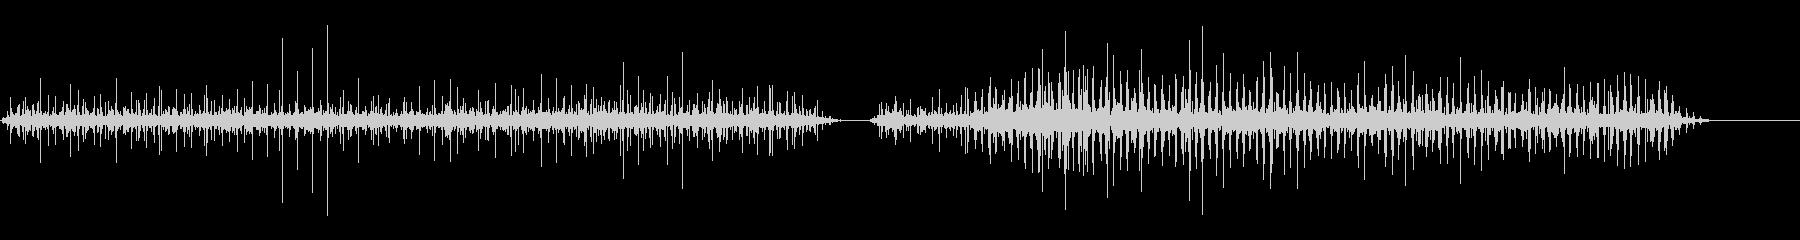 競馬-トロット1の未再生の波形